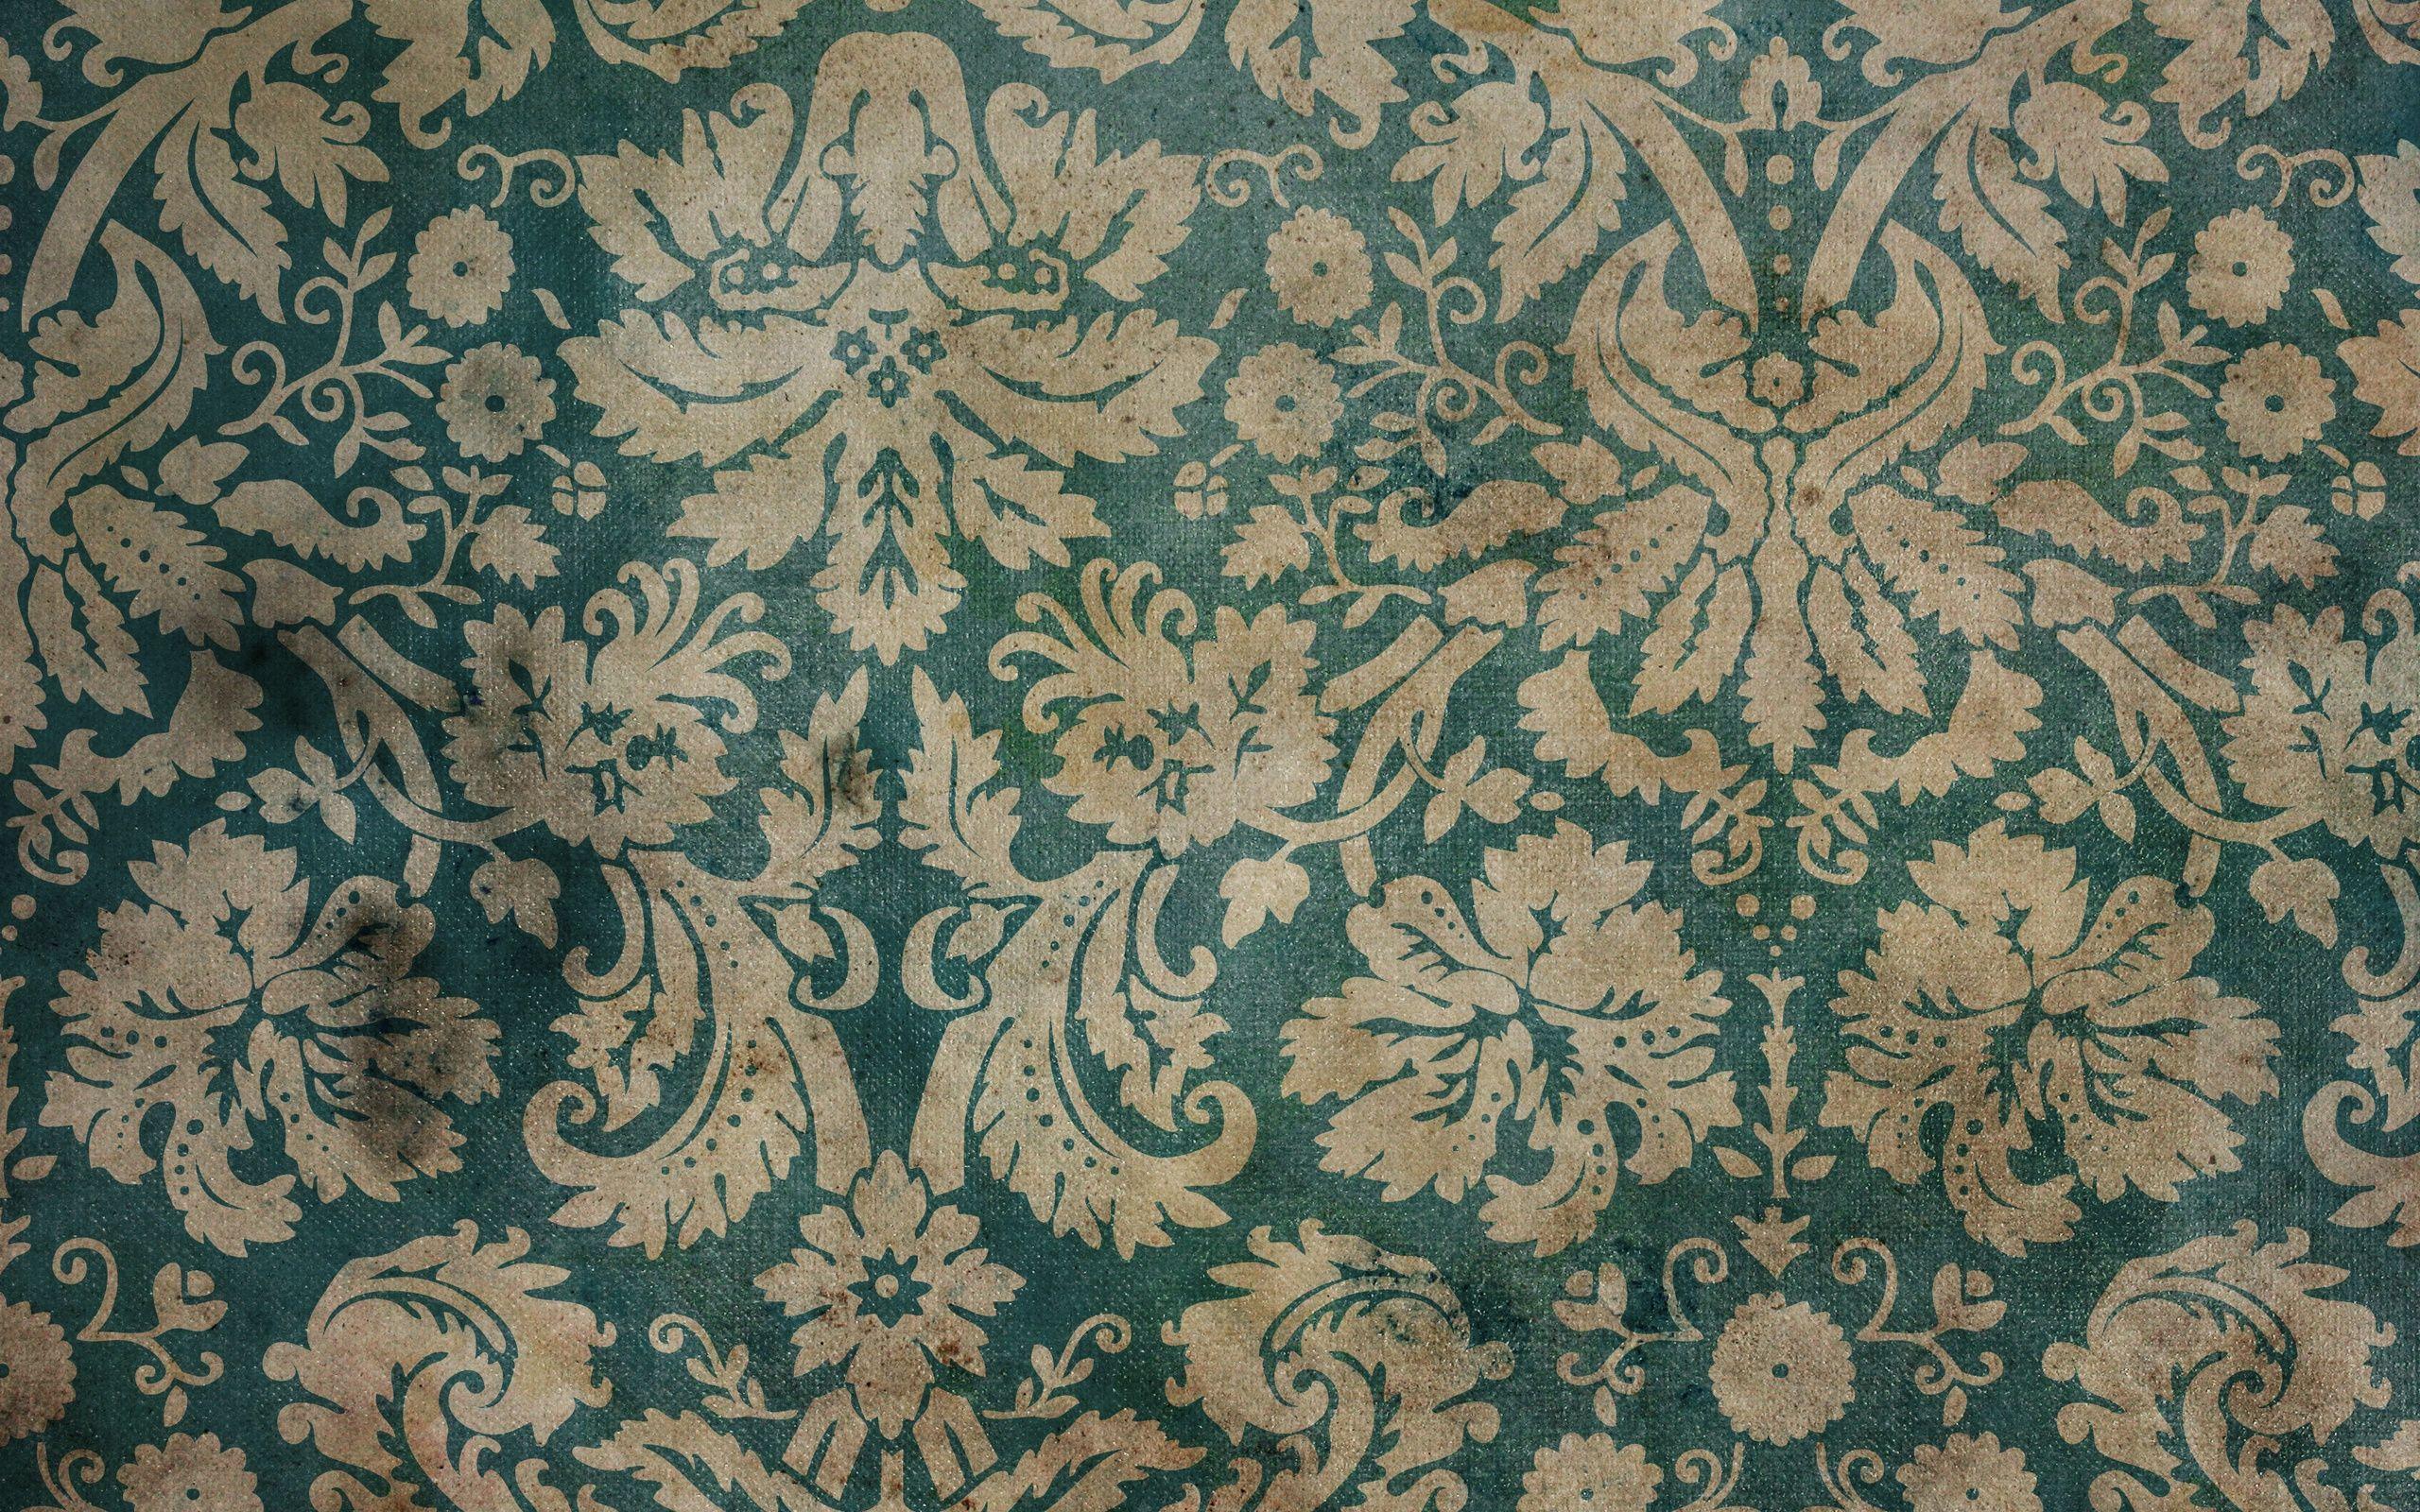 vintage background paper for digital collage wallpaper pattern